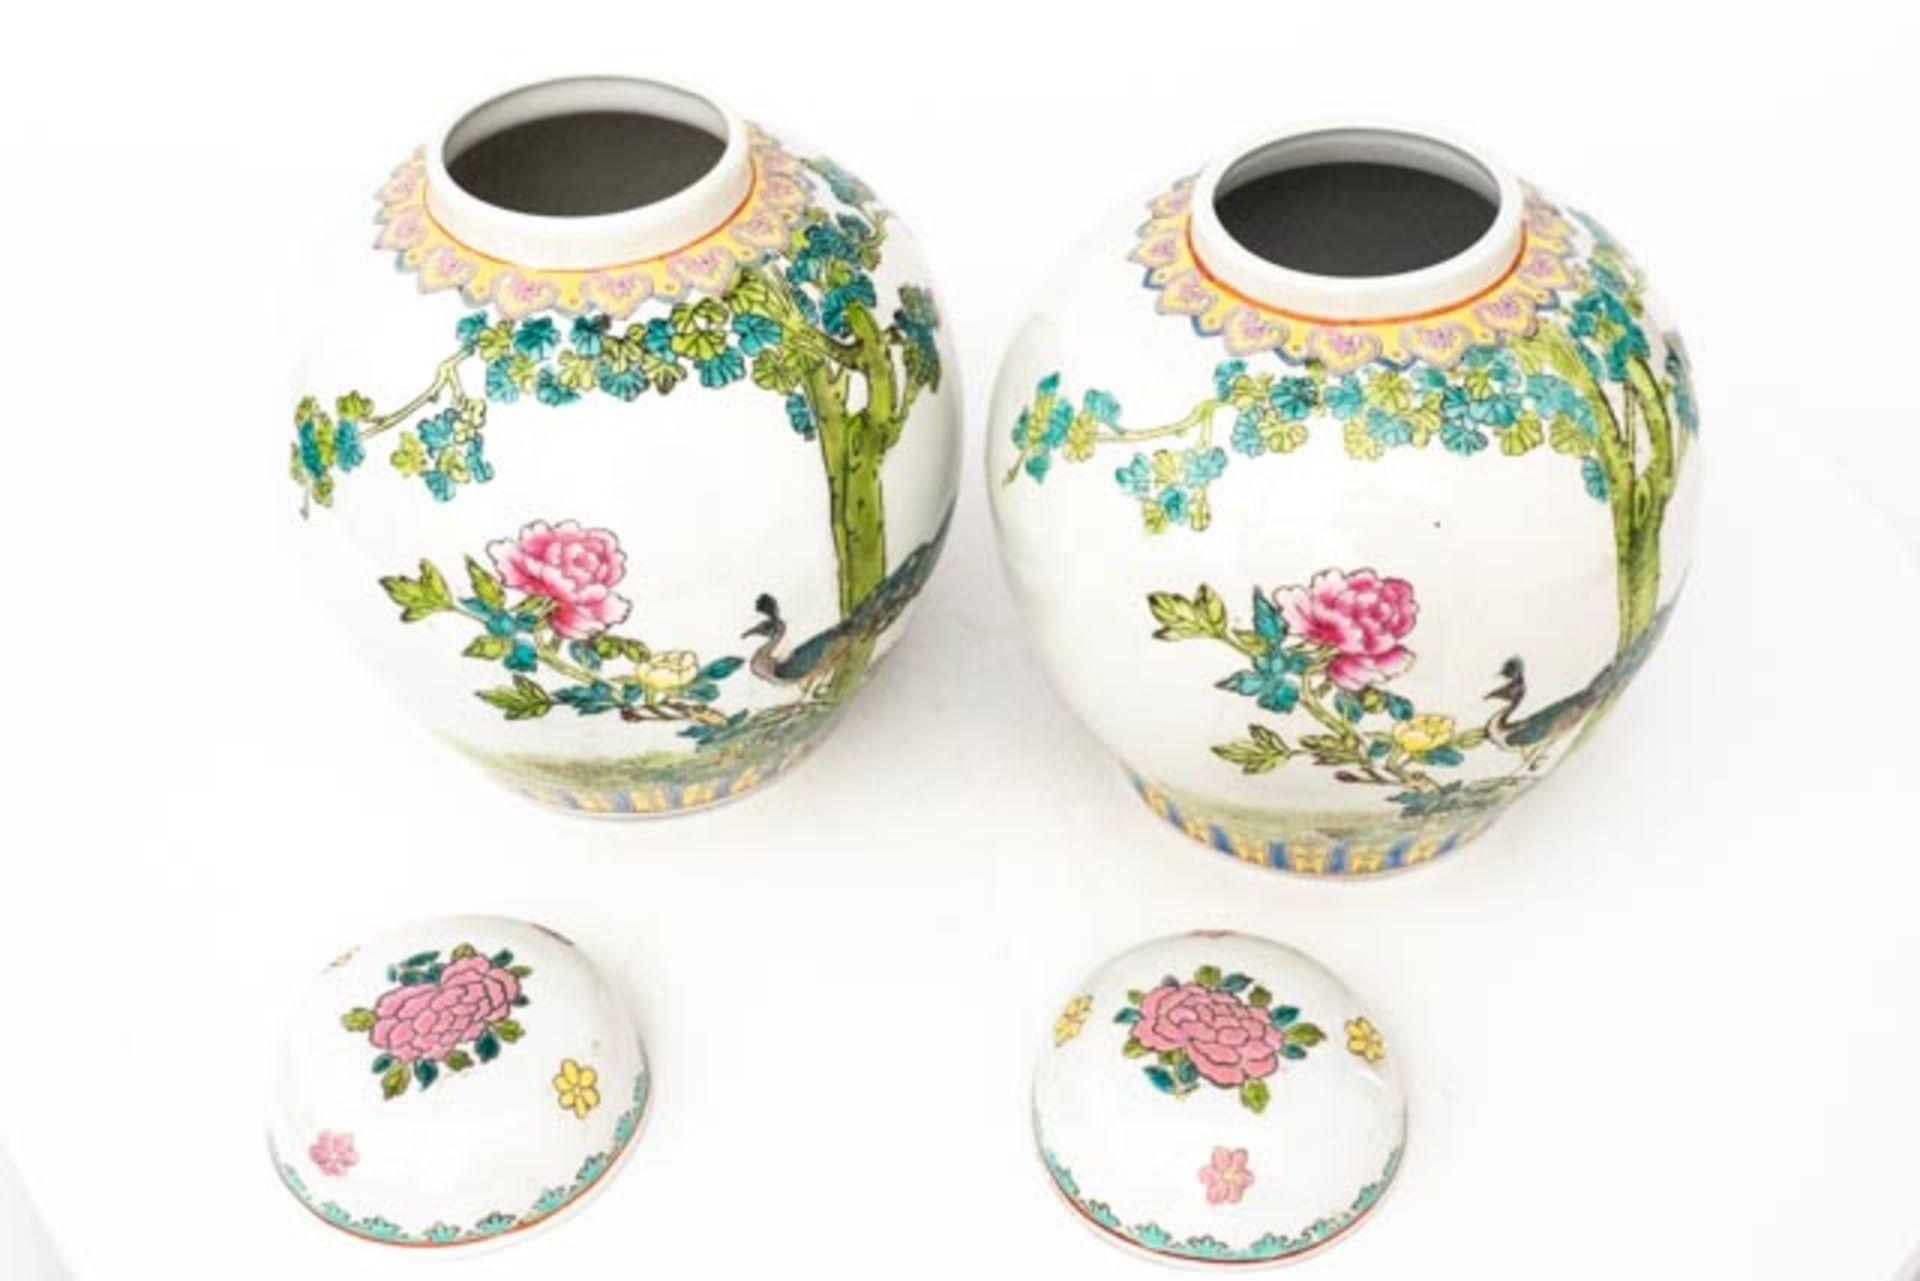 Paar chinesische Deckelvasen - Image 4 of 6